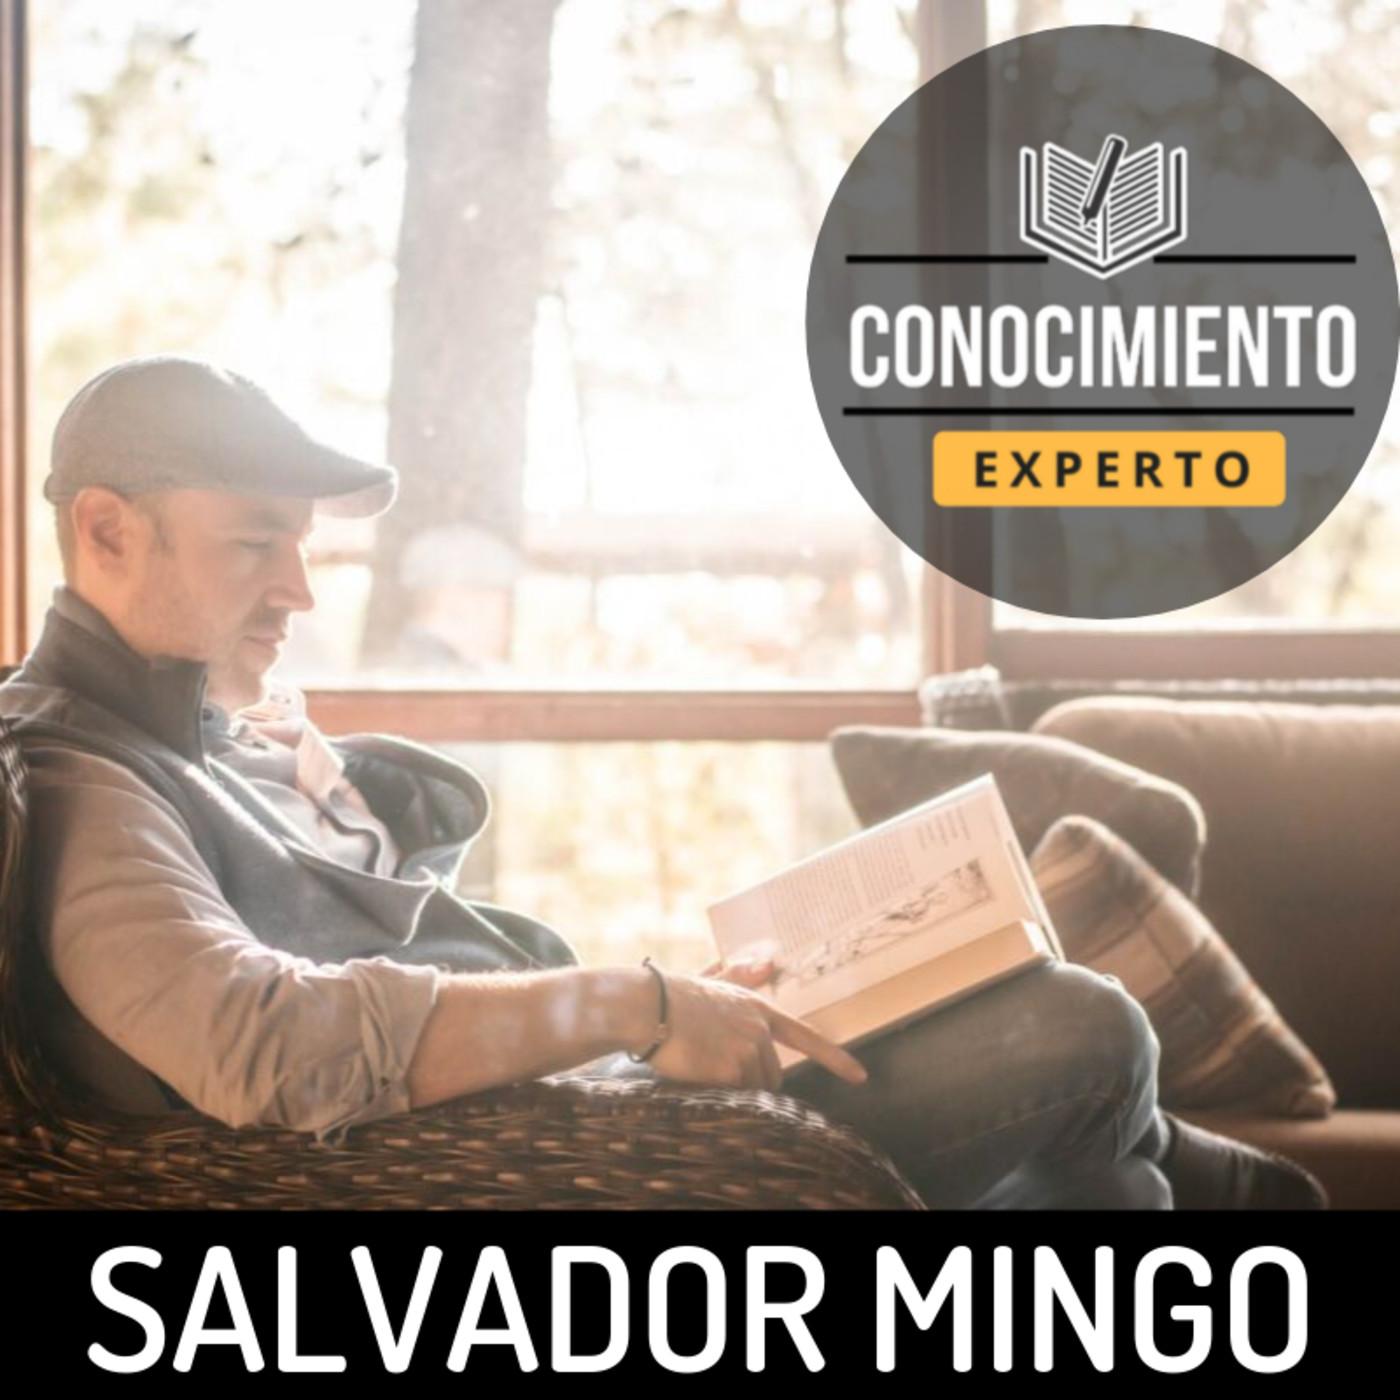 Salvador Mingo